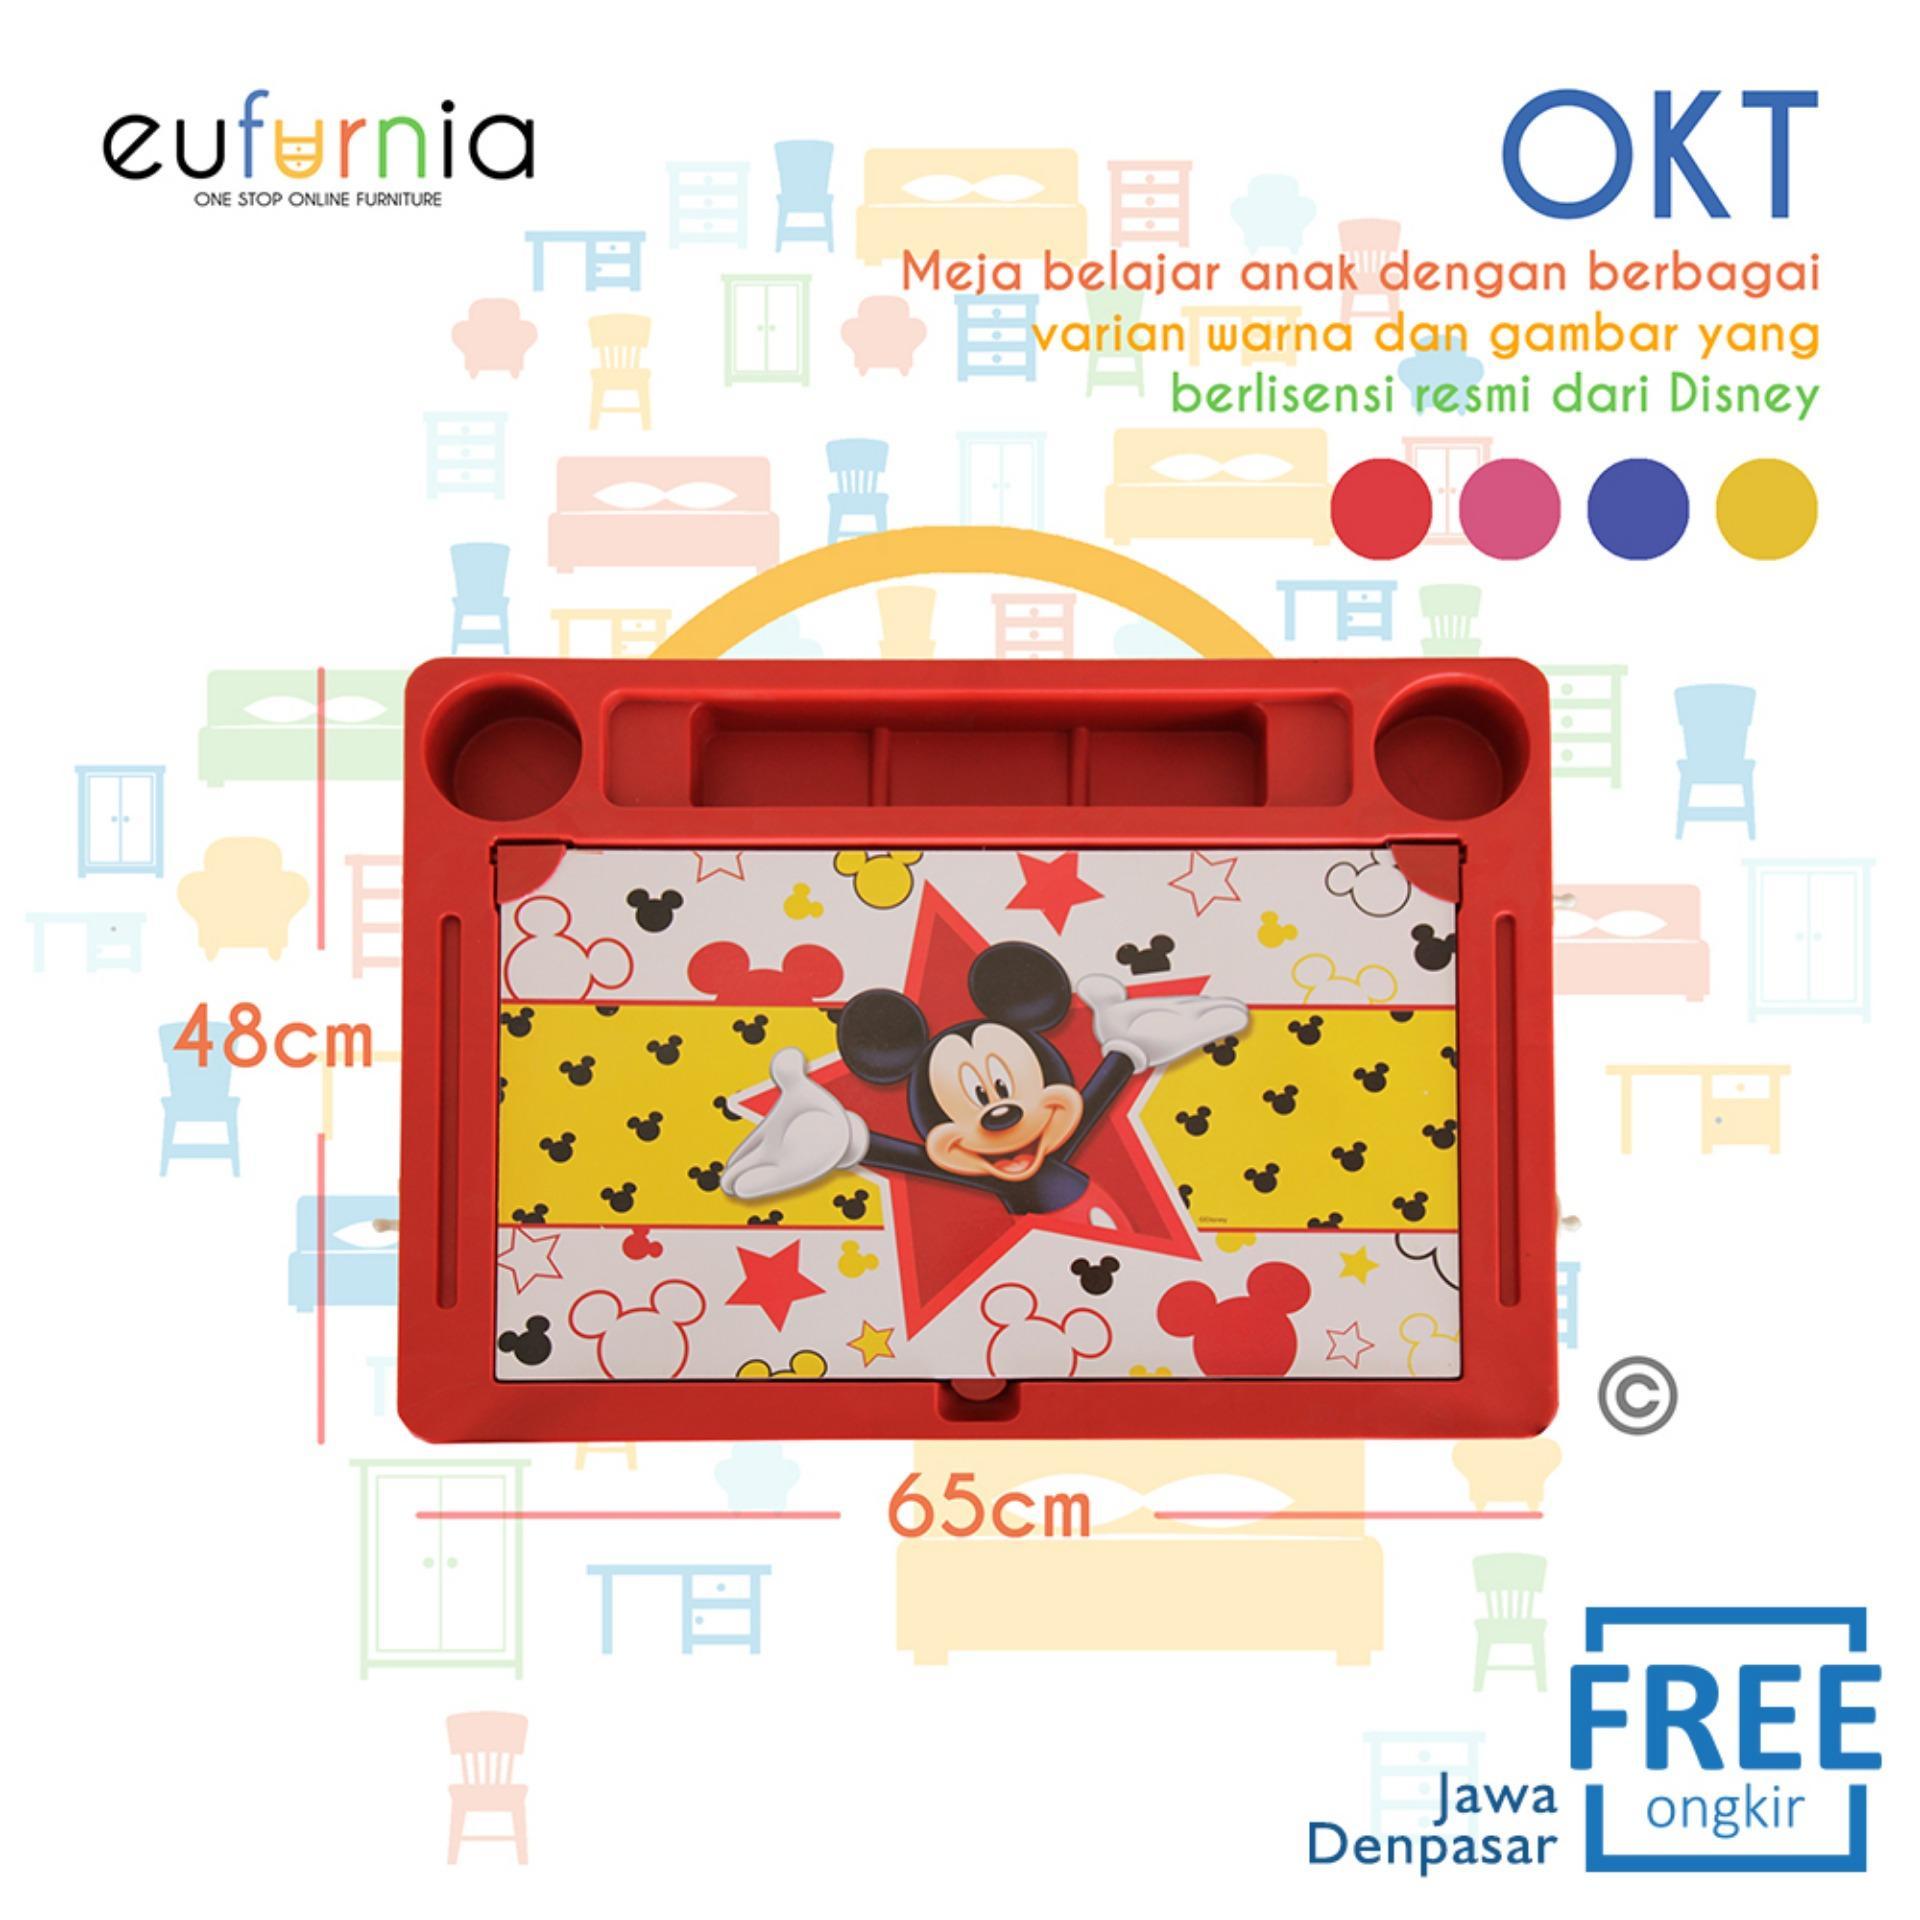 Meja Anak Karakter Eufurnia Olymplast Kids Table  OKT / Merah / 100% FREE ONGKIR JAWA DENPASAR